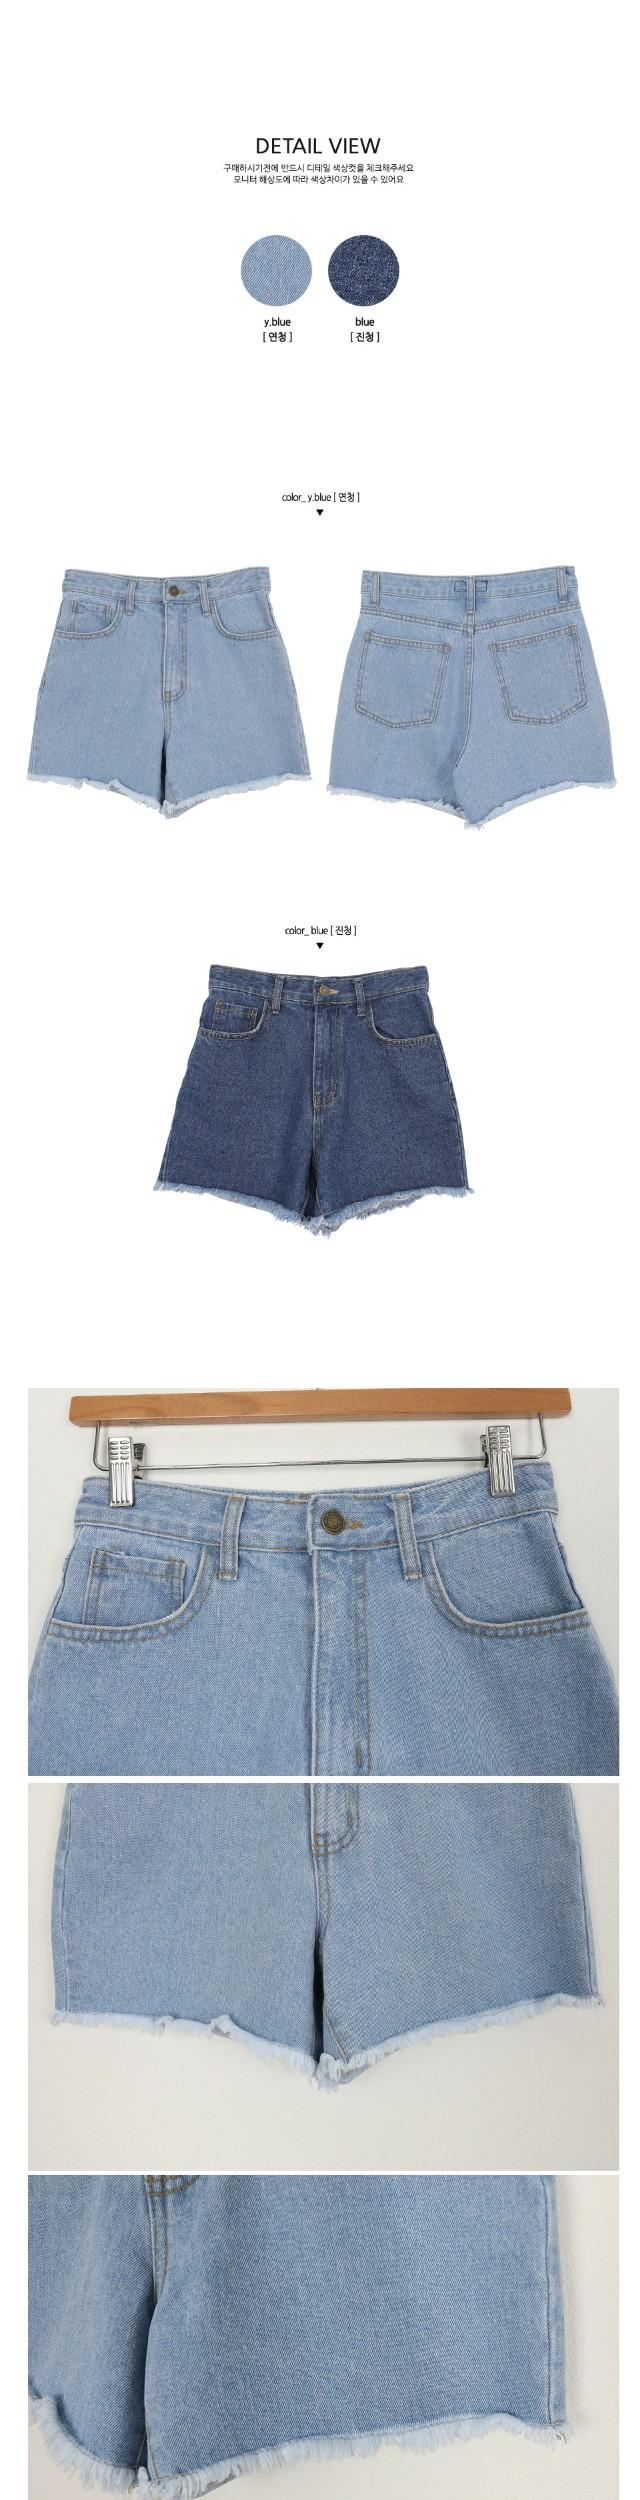 Ten basic 4 pants